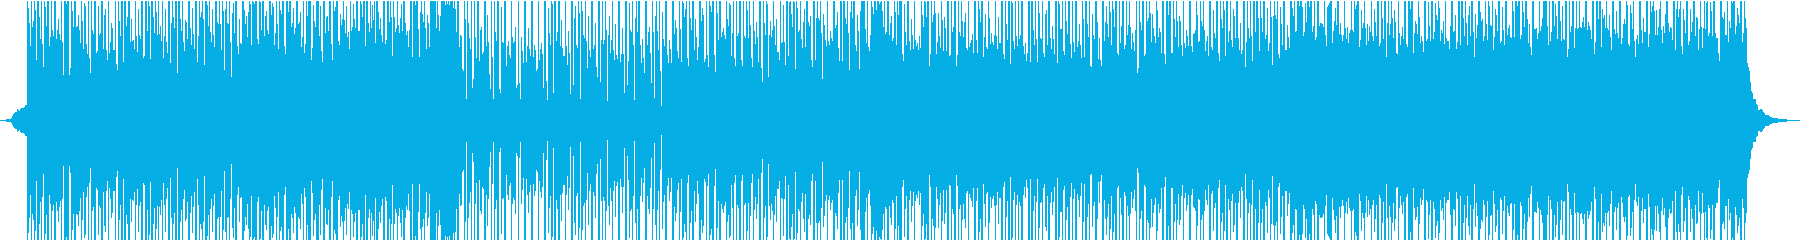 エネルギッシュなハイブリッドトラックの再生済みの波形